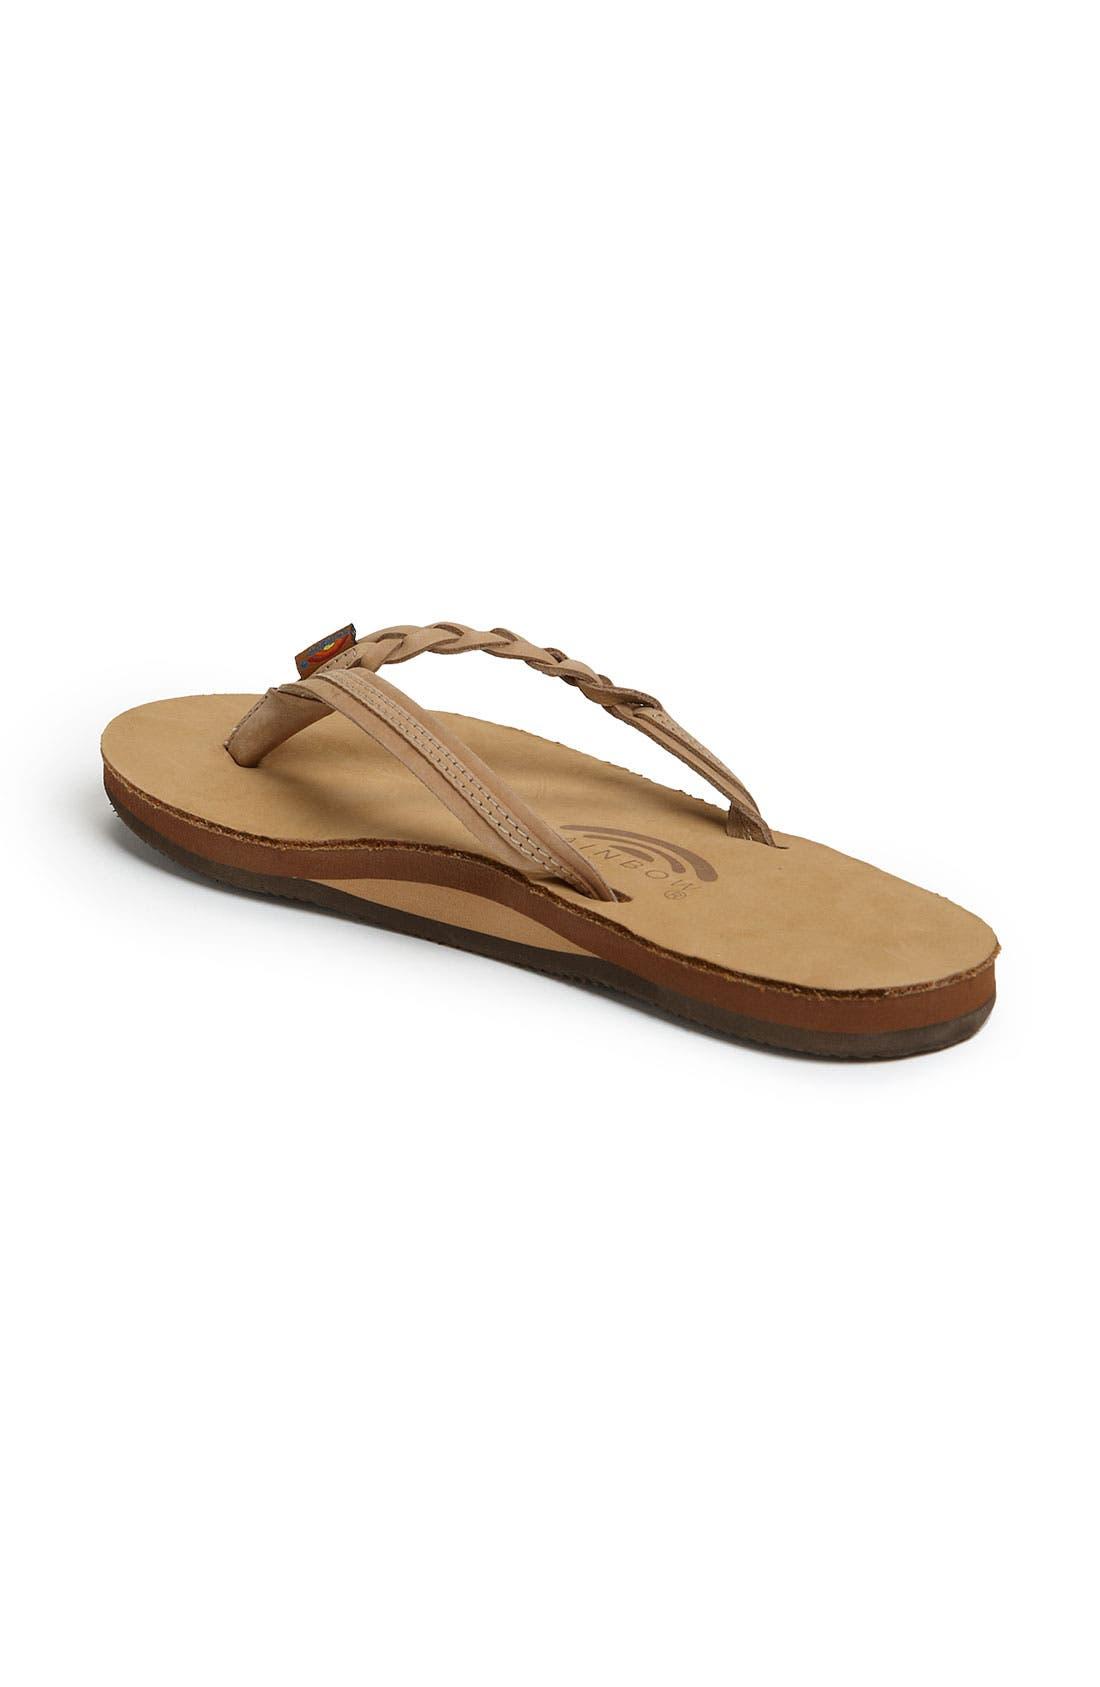 e81b830a5 Rainbow Sandals   Flip-Flops